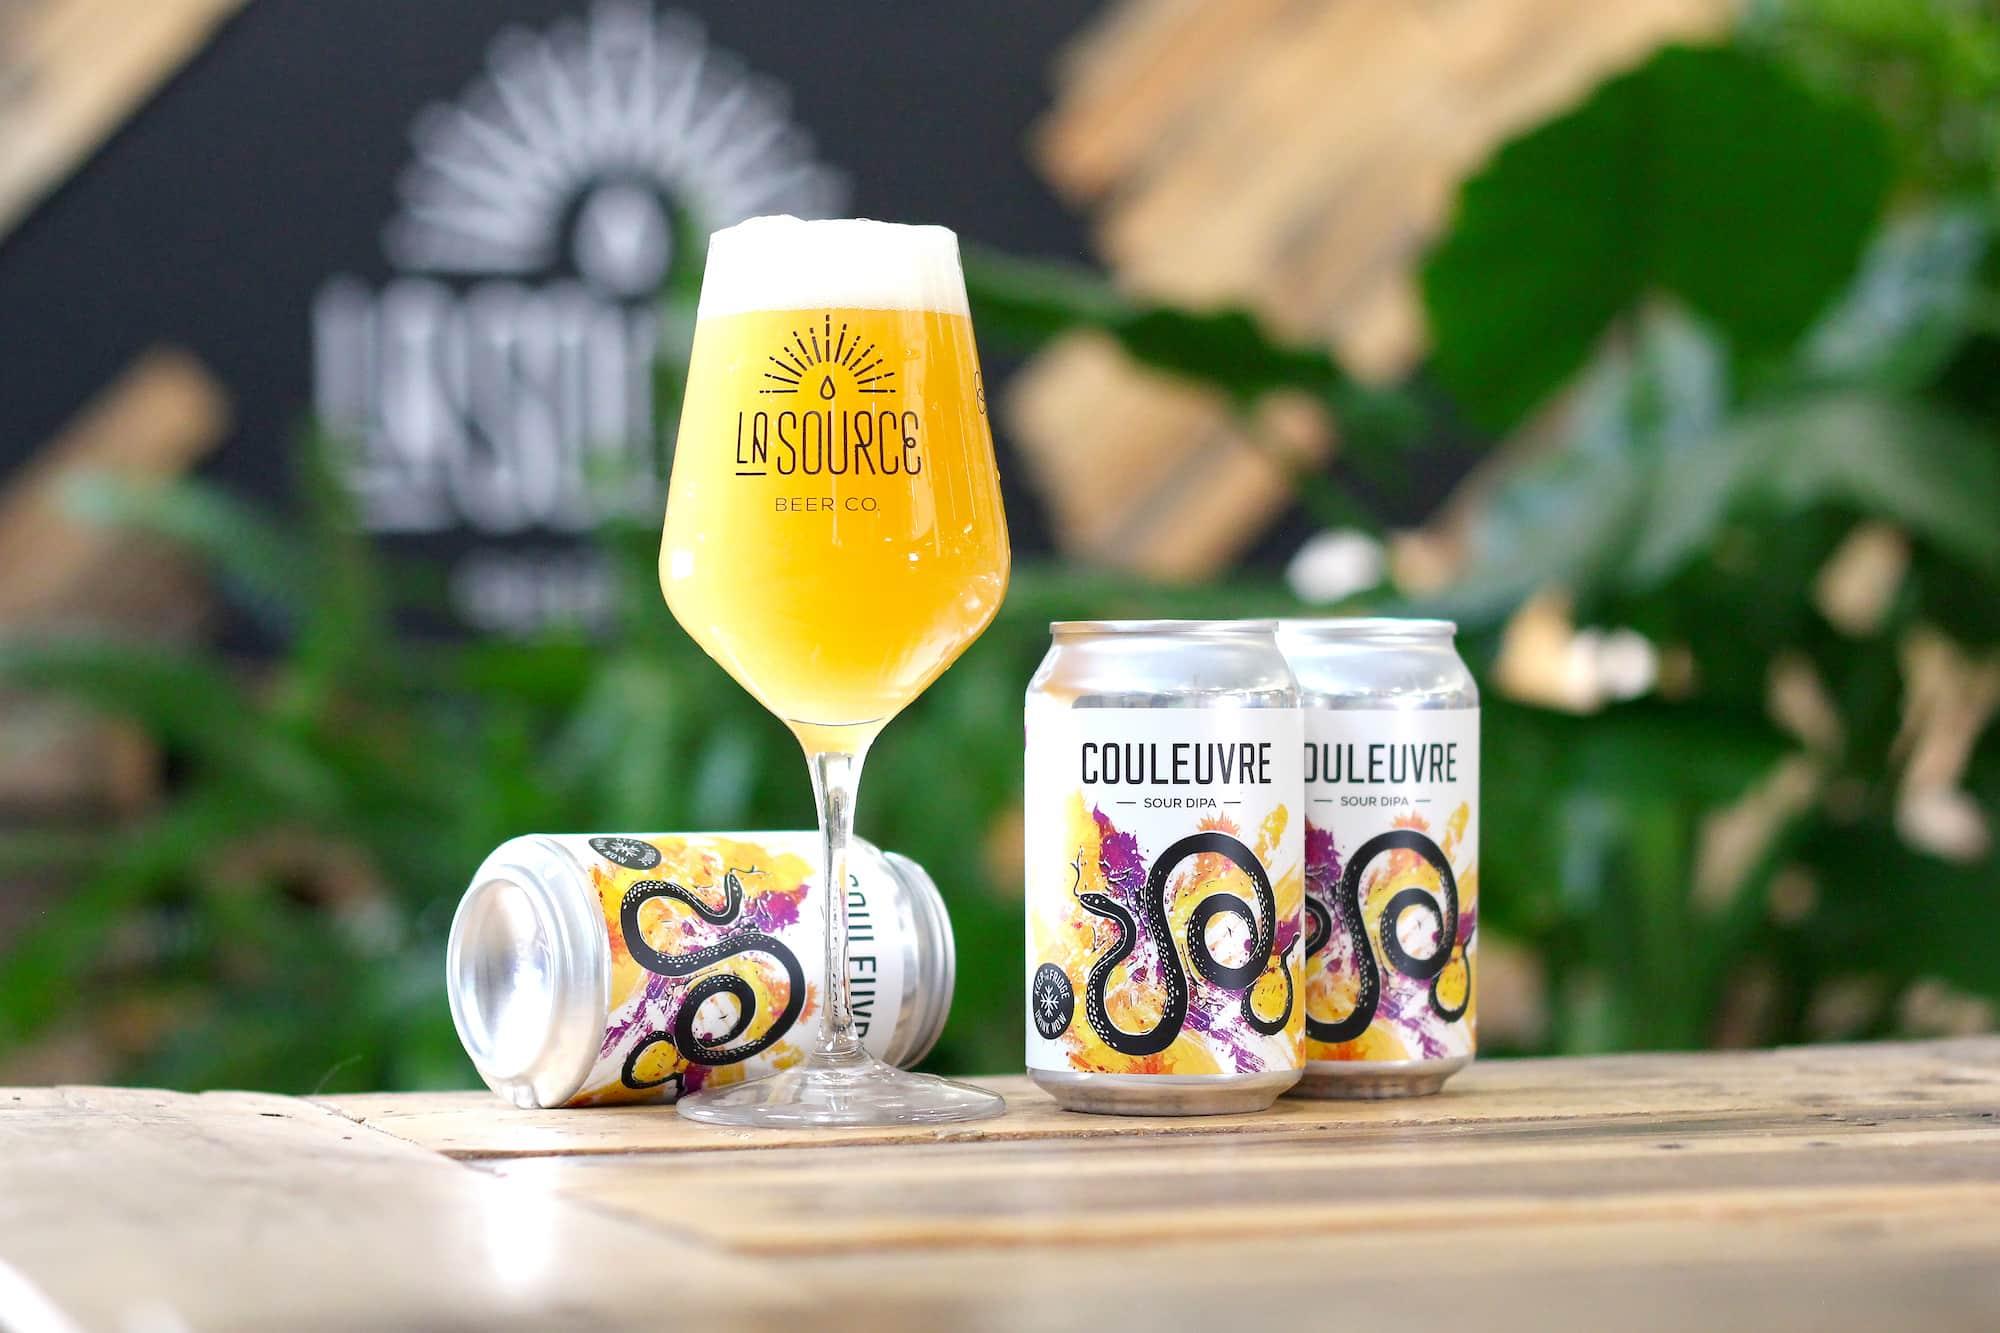 brasserie la source beer release chaque vendredi brewpub